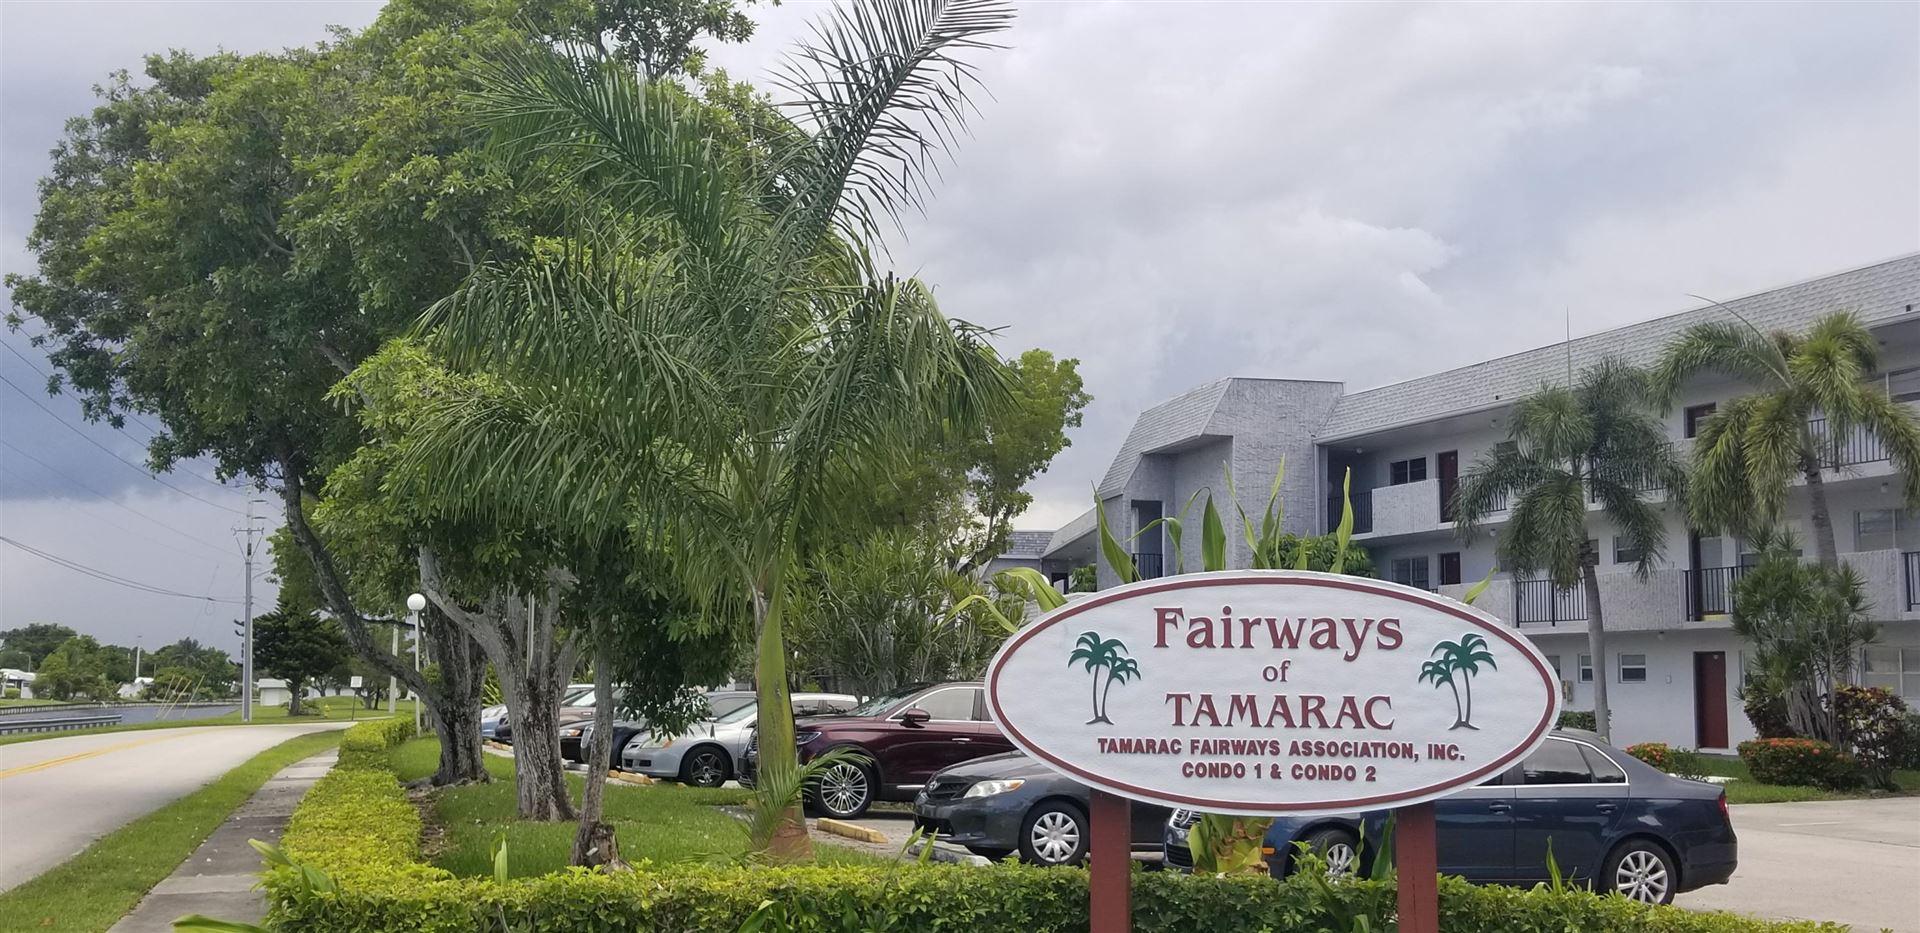 8105 NW 61st Street #A207, Tamarac, FL 33321 - #: RX-10639719